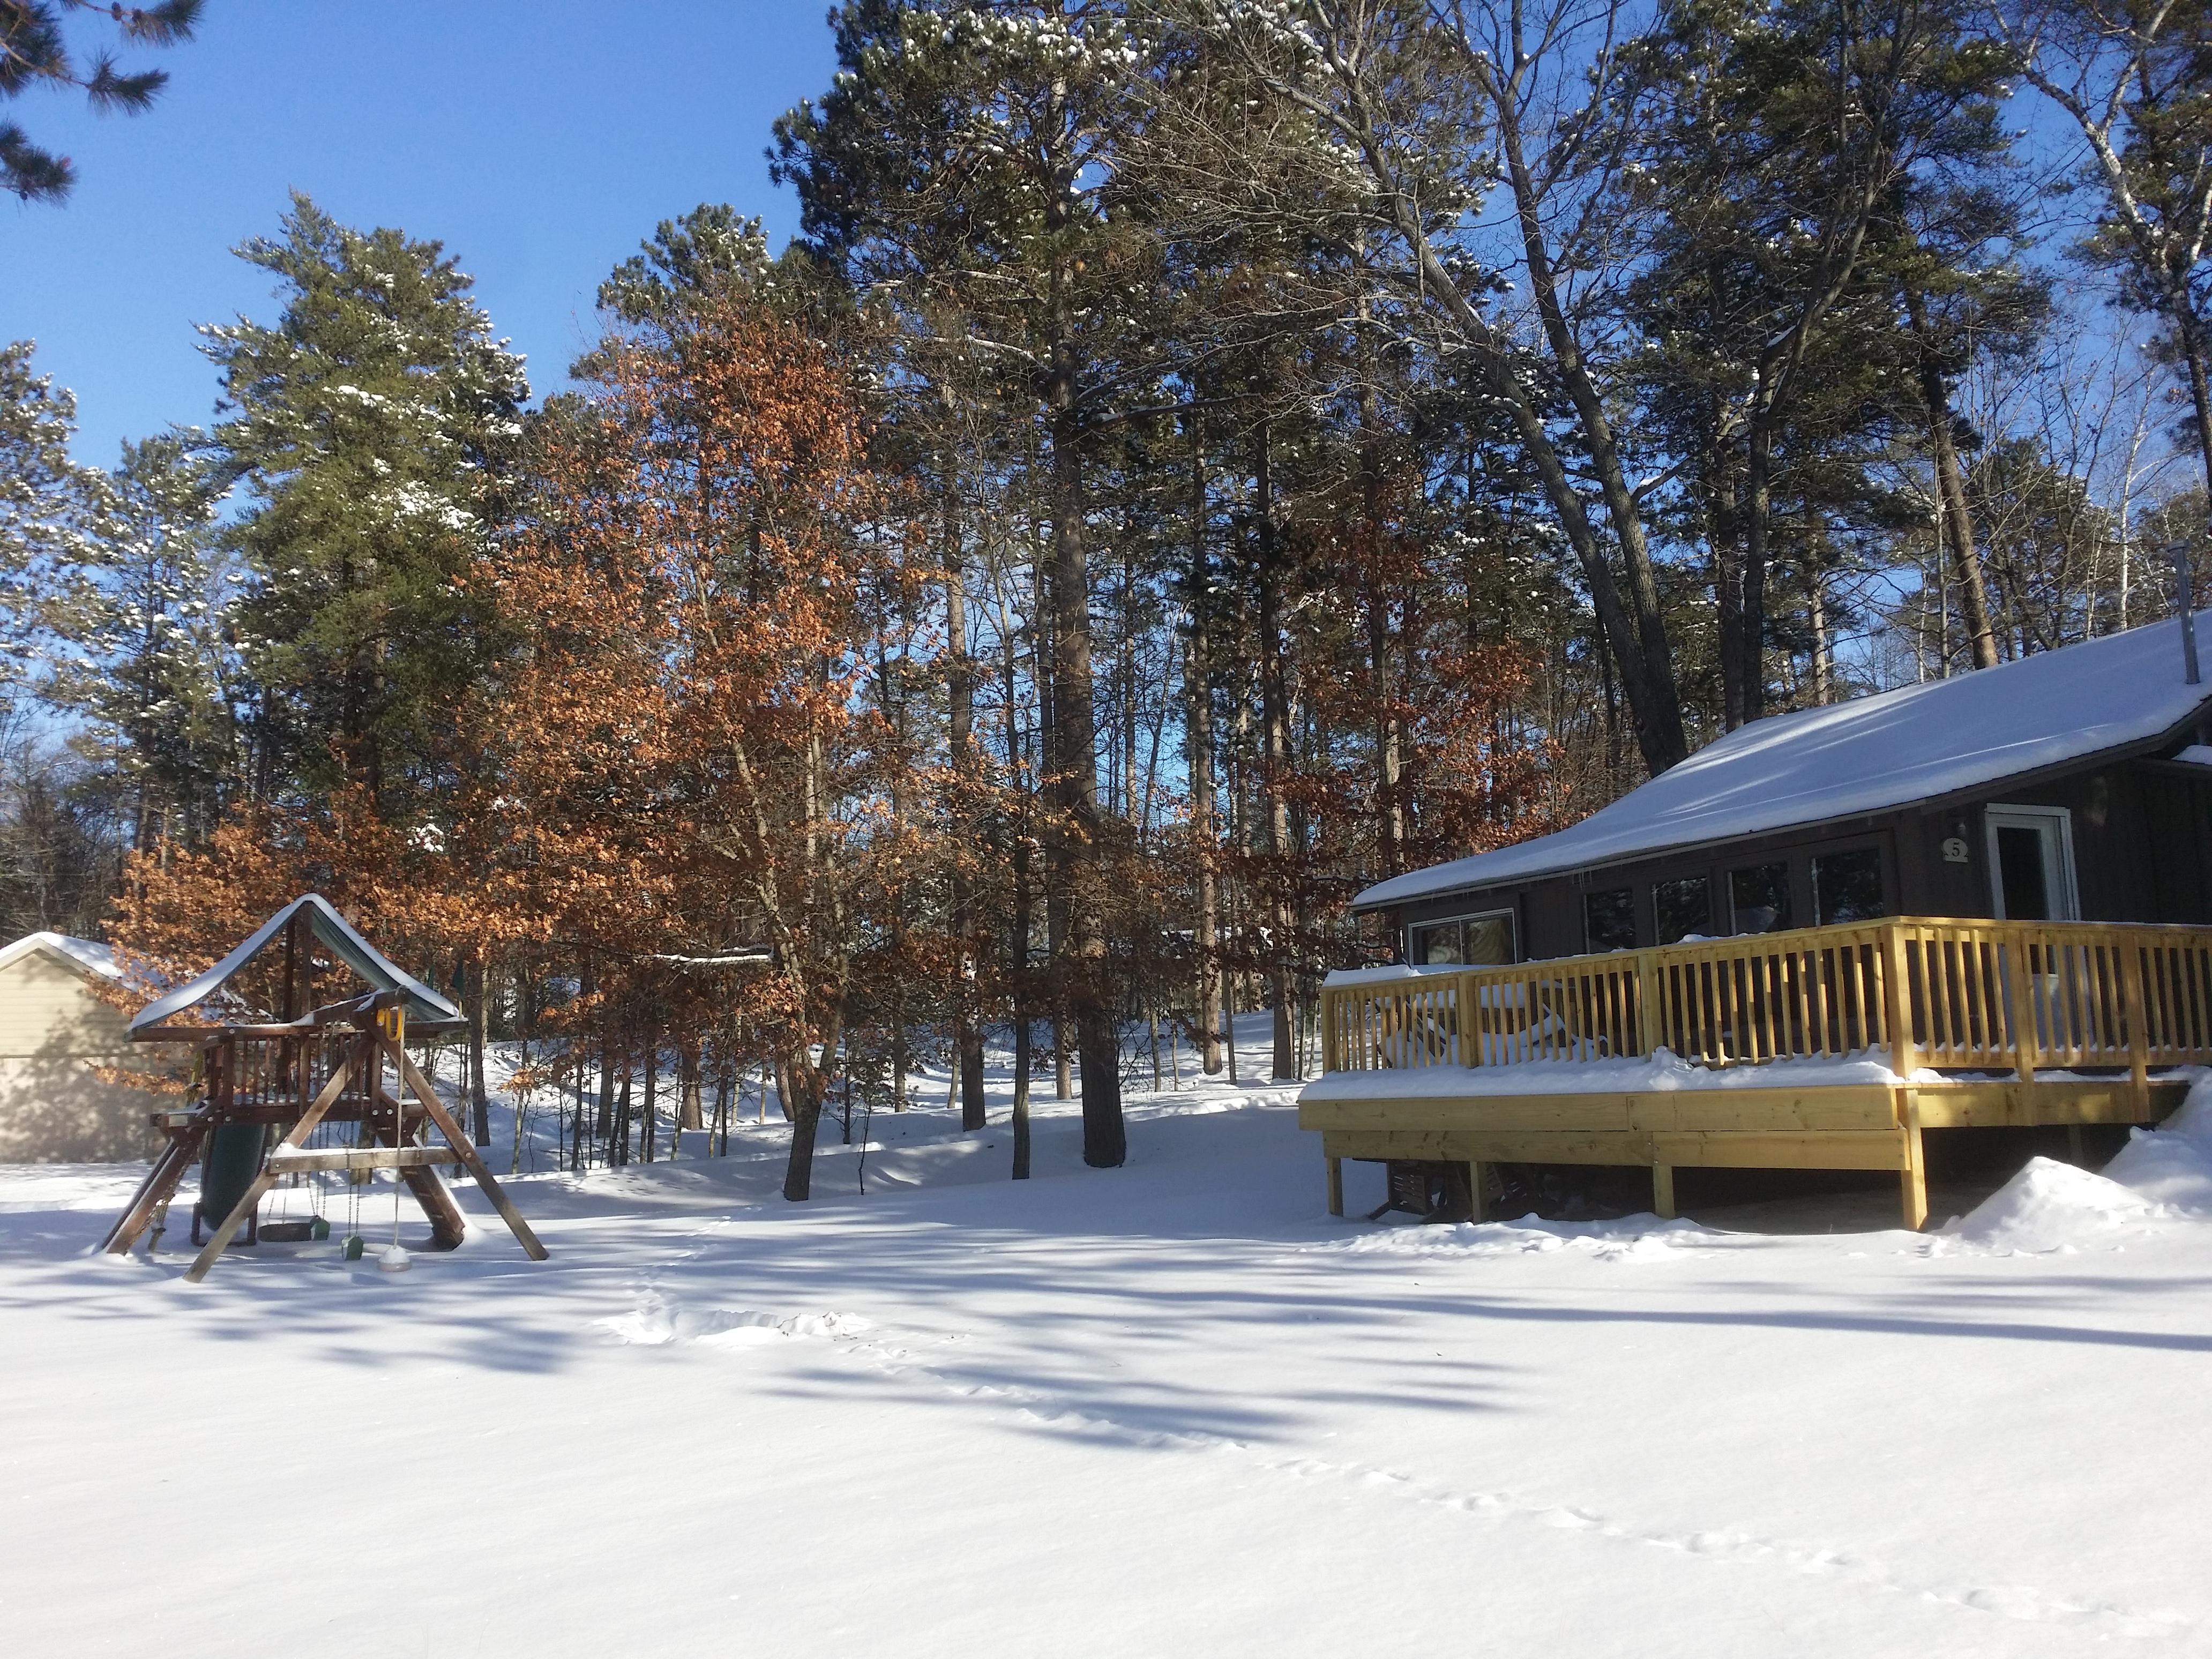 Active Winter Getaway for 2